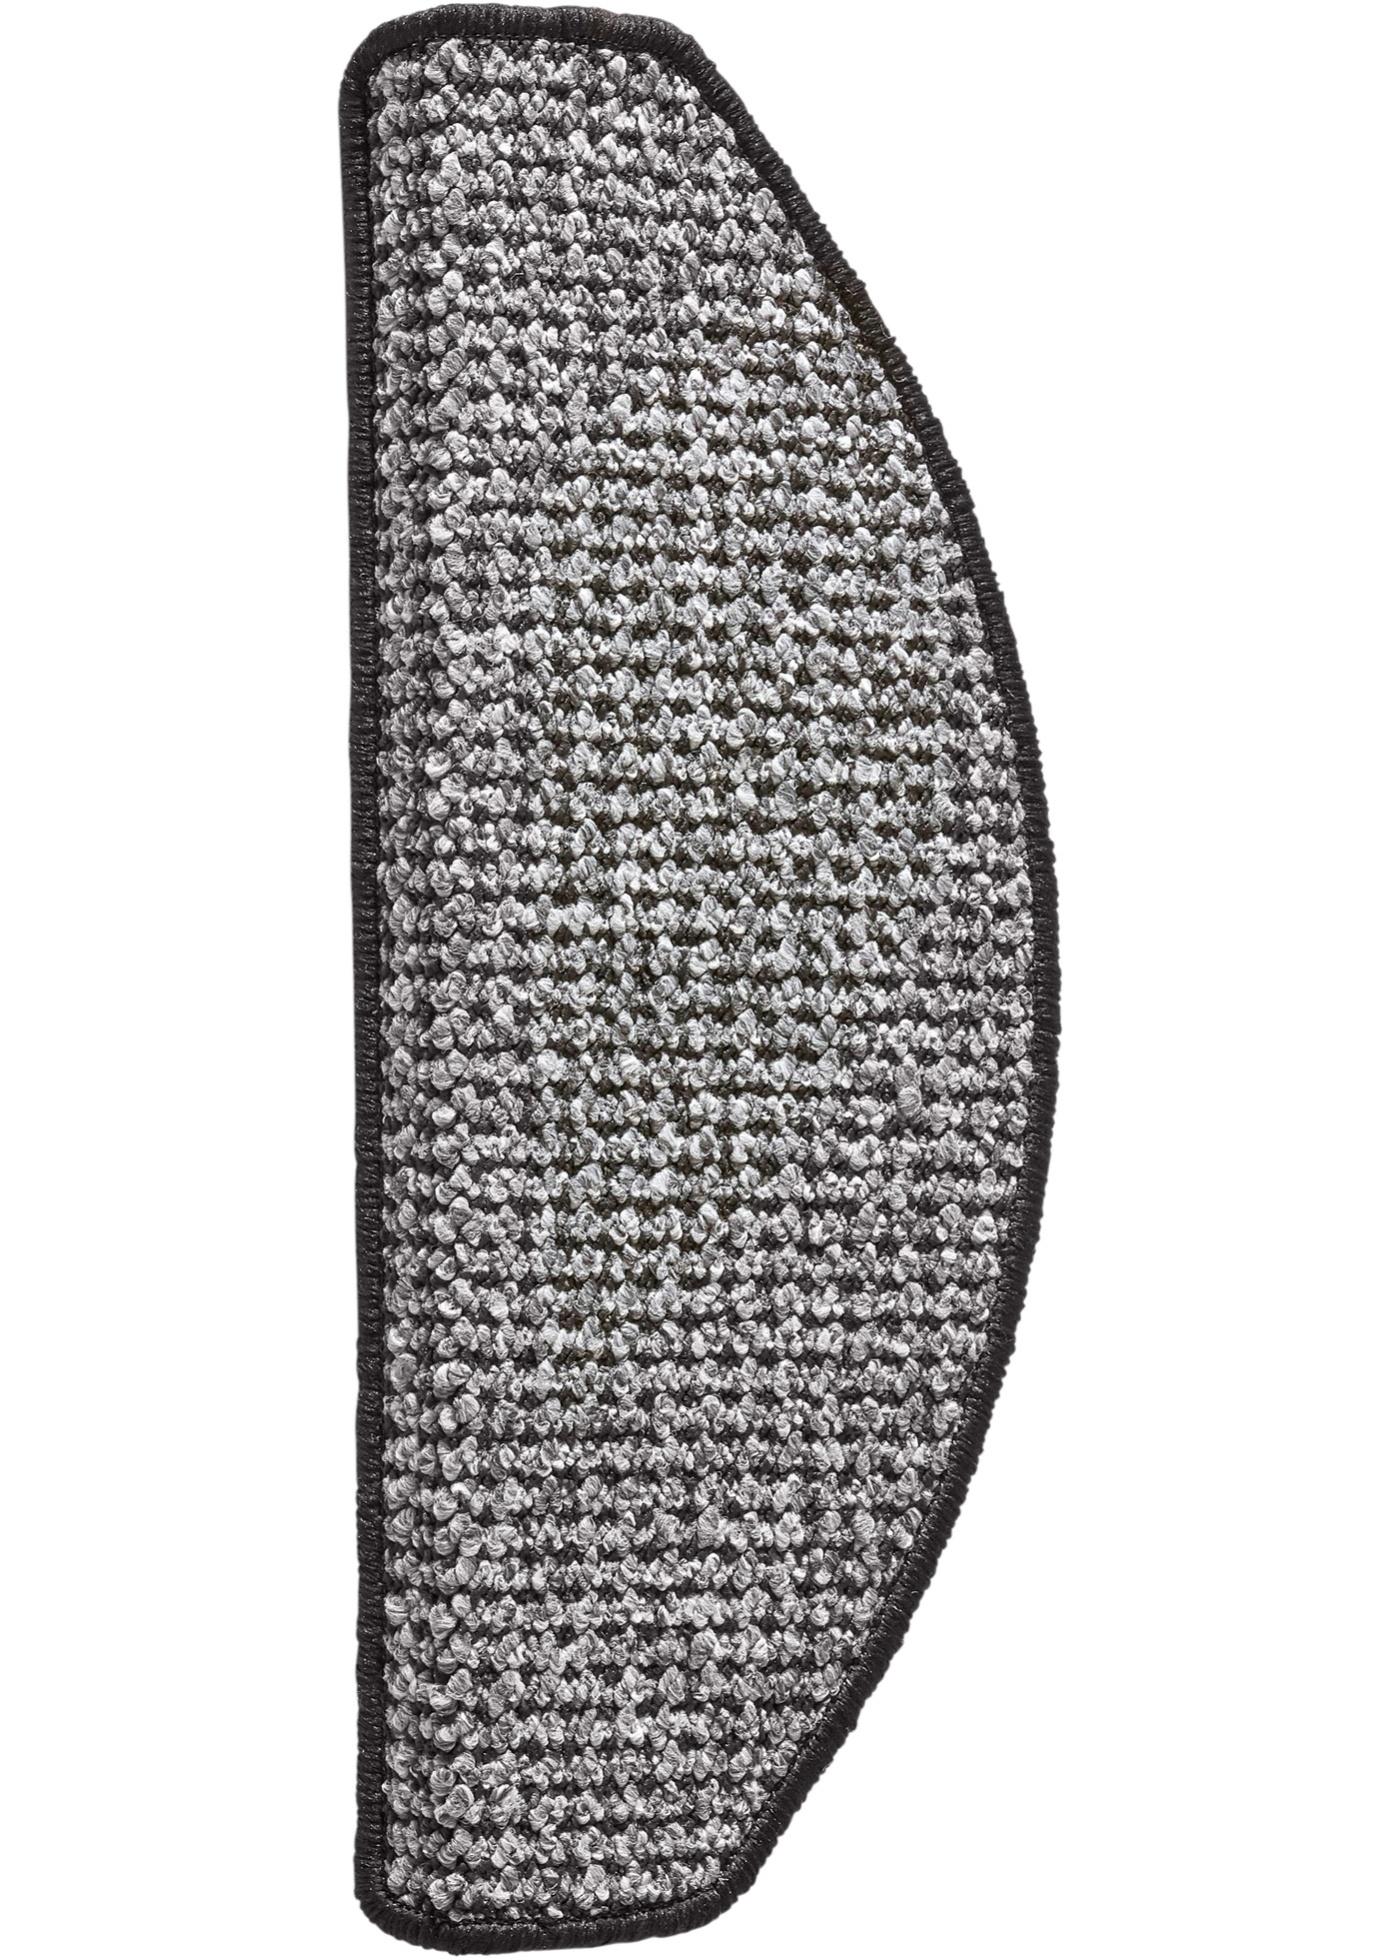 Coprigradino con superficie strutturata (Grigio) - bpc living bonprix collection